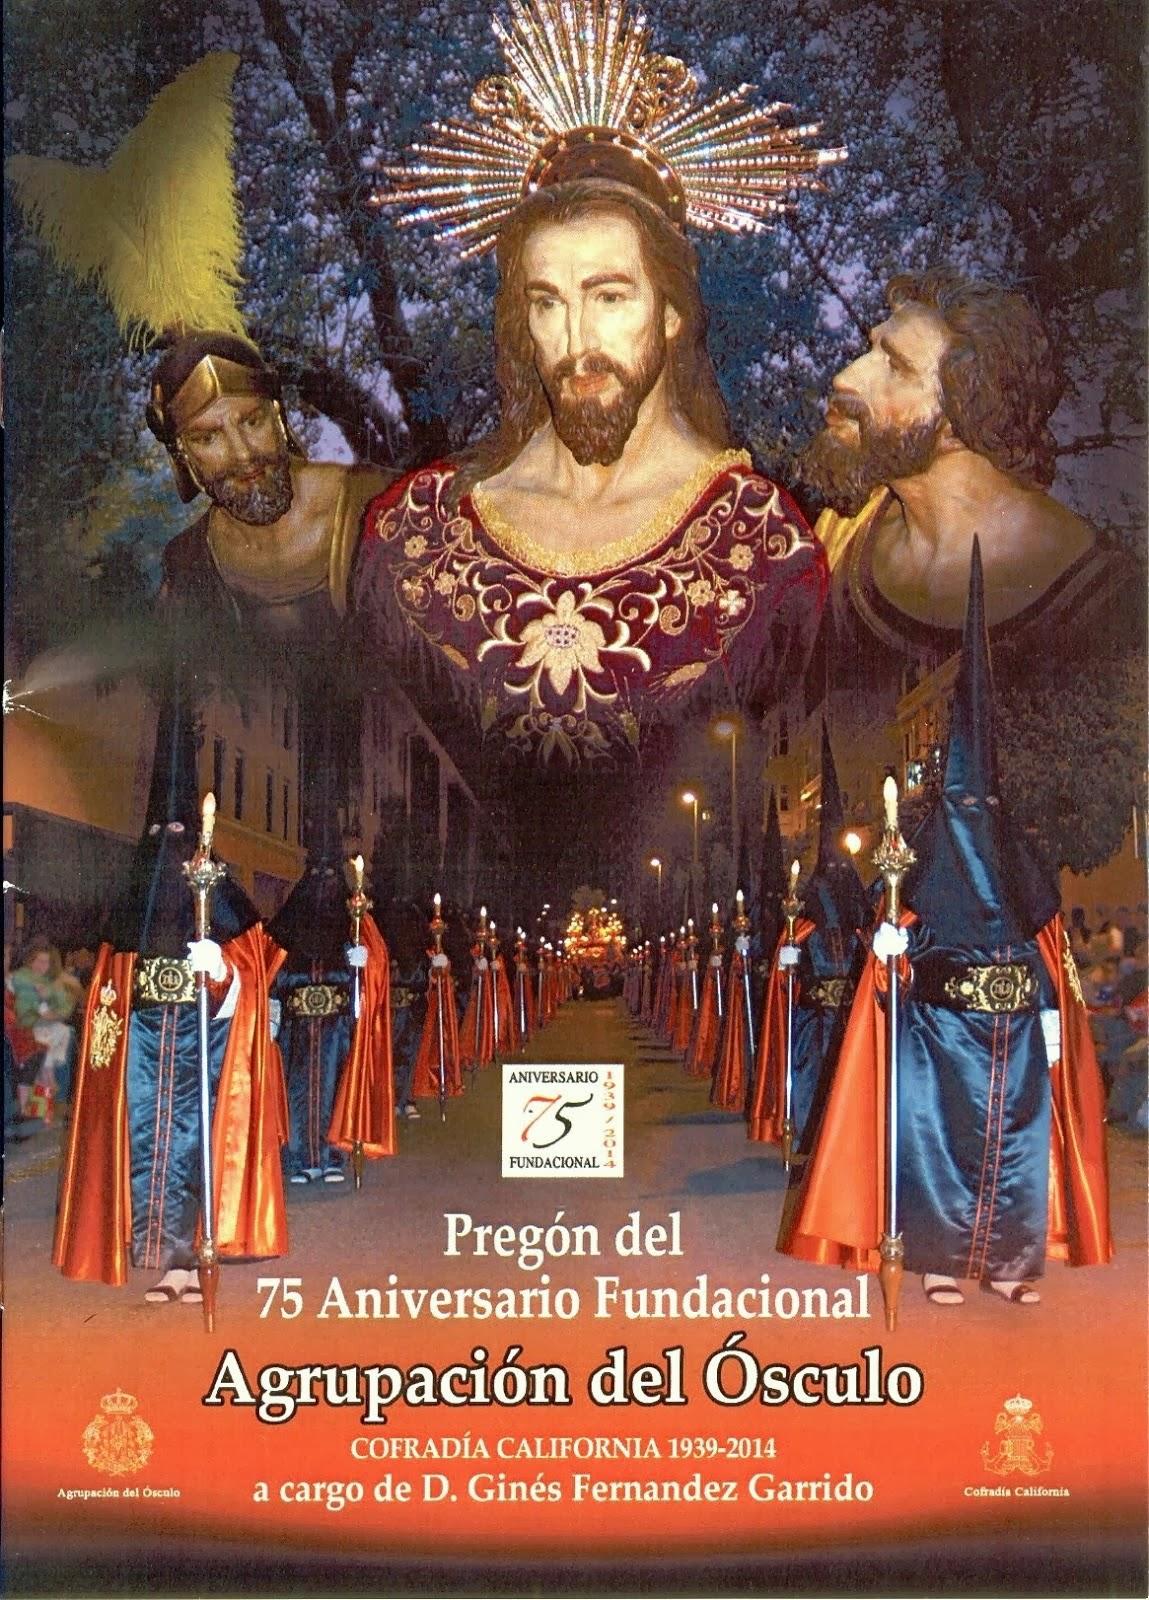 Cartel 75 Aniversario Fundacional Agrupación del Ósculo